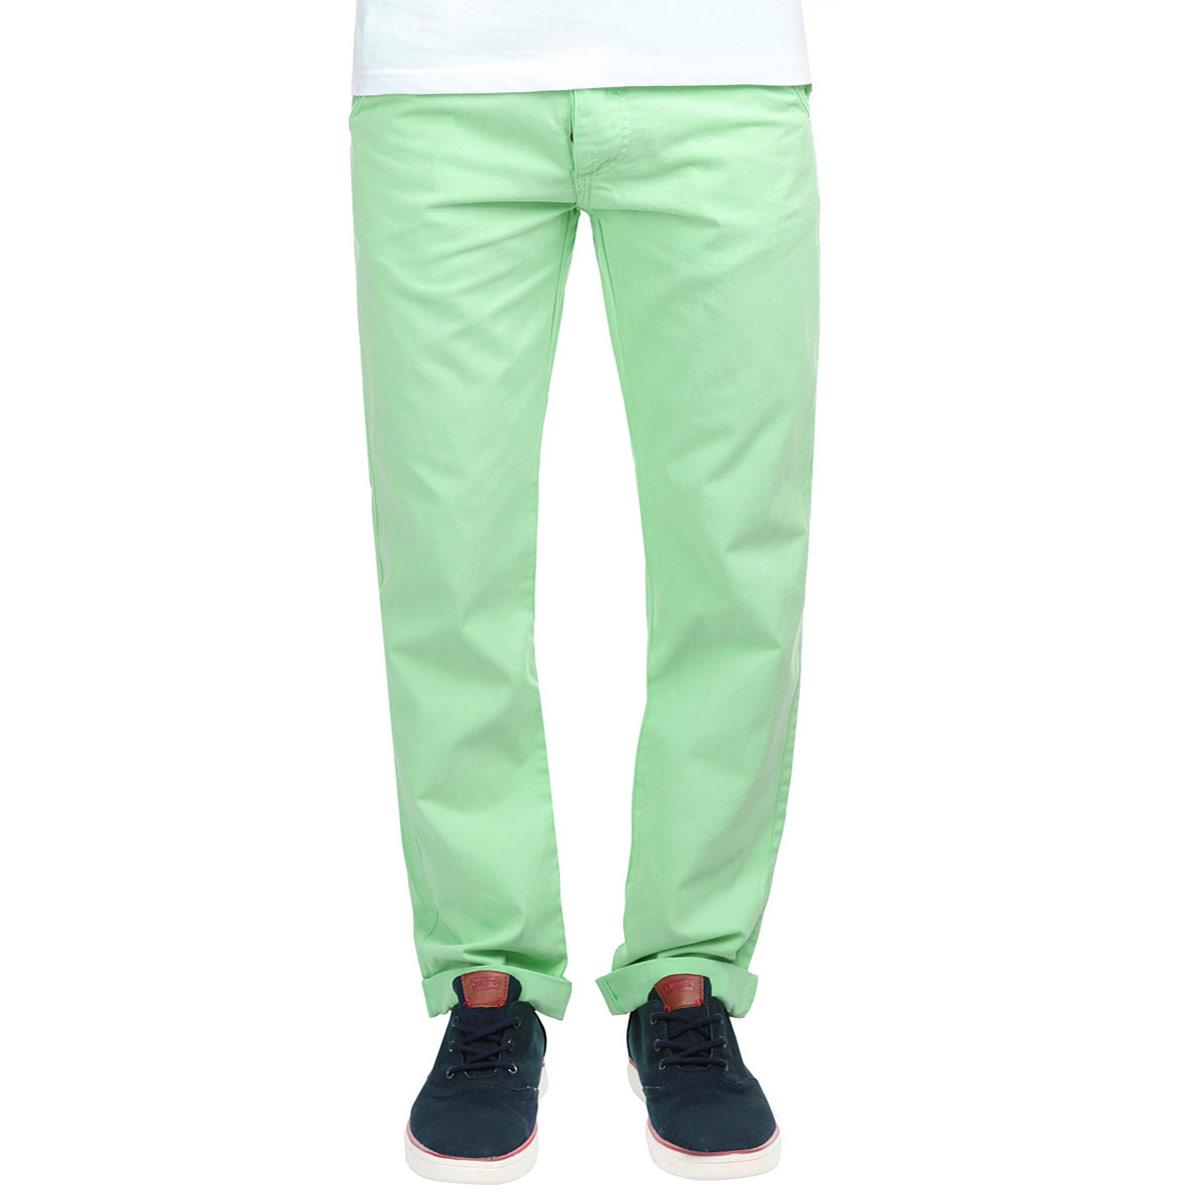 ElysiumFRESH/ATMOSPHEREСтильные мужские брюки MeZaGuZ станут отличным дополнением к вашему гардеробу. Модель прямого кроя и средней посадки изготовлена из высококачественного 100% хлопка, она великолепно пропускает воздух и обладает высокой гигроскопичностью. Застегиваются брюки на пуговицы, на поясе имеются шлевки для ремня. Спереди модель оформлена двумя втачными карманами и маленьким кармашком на пуговице, а сзади - двумя прорезными карманами, закрывающимися клапанами на пуговицах. В комплект входит оригинальный плетеный ремень с металлической пряжкой. Эти модные и в тоже время удобные брюки помогут вам создать оригинальный современный образ. В них вы всегда будете чувствовать себя уверенно и комфортно.